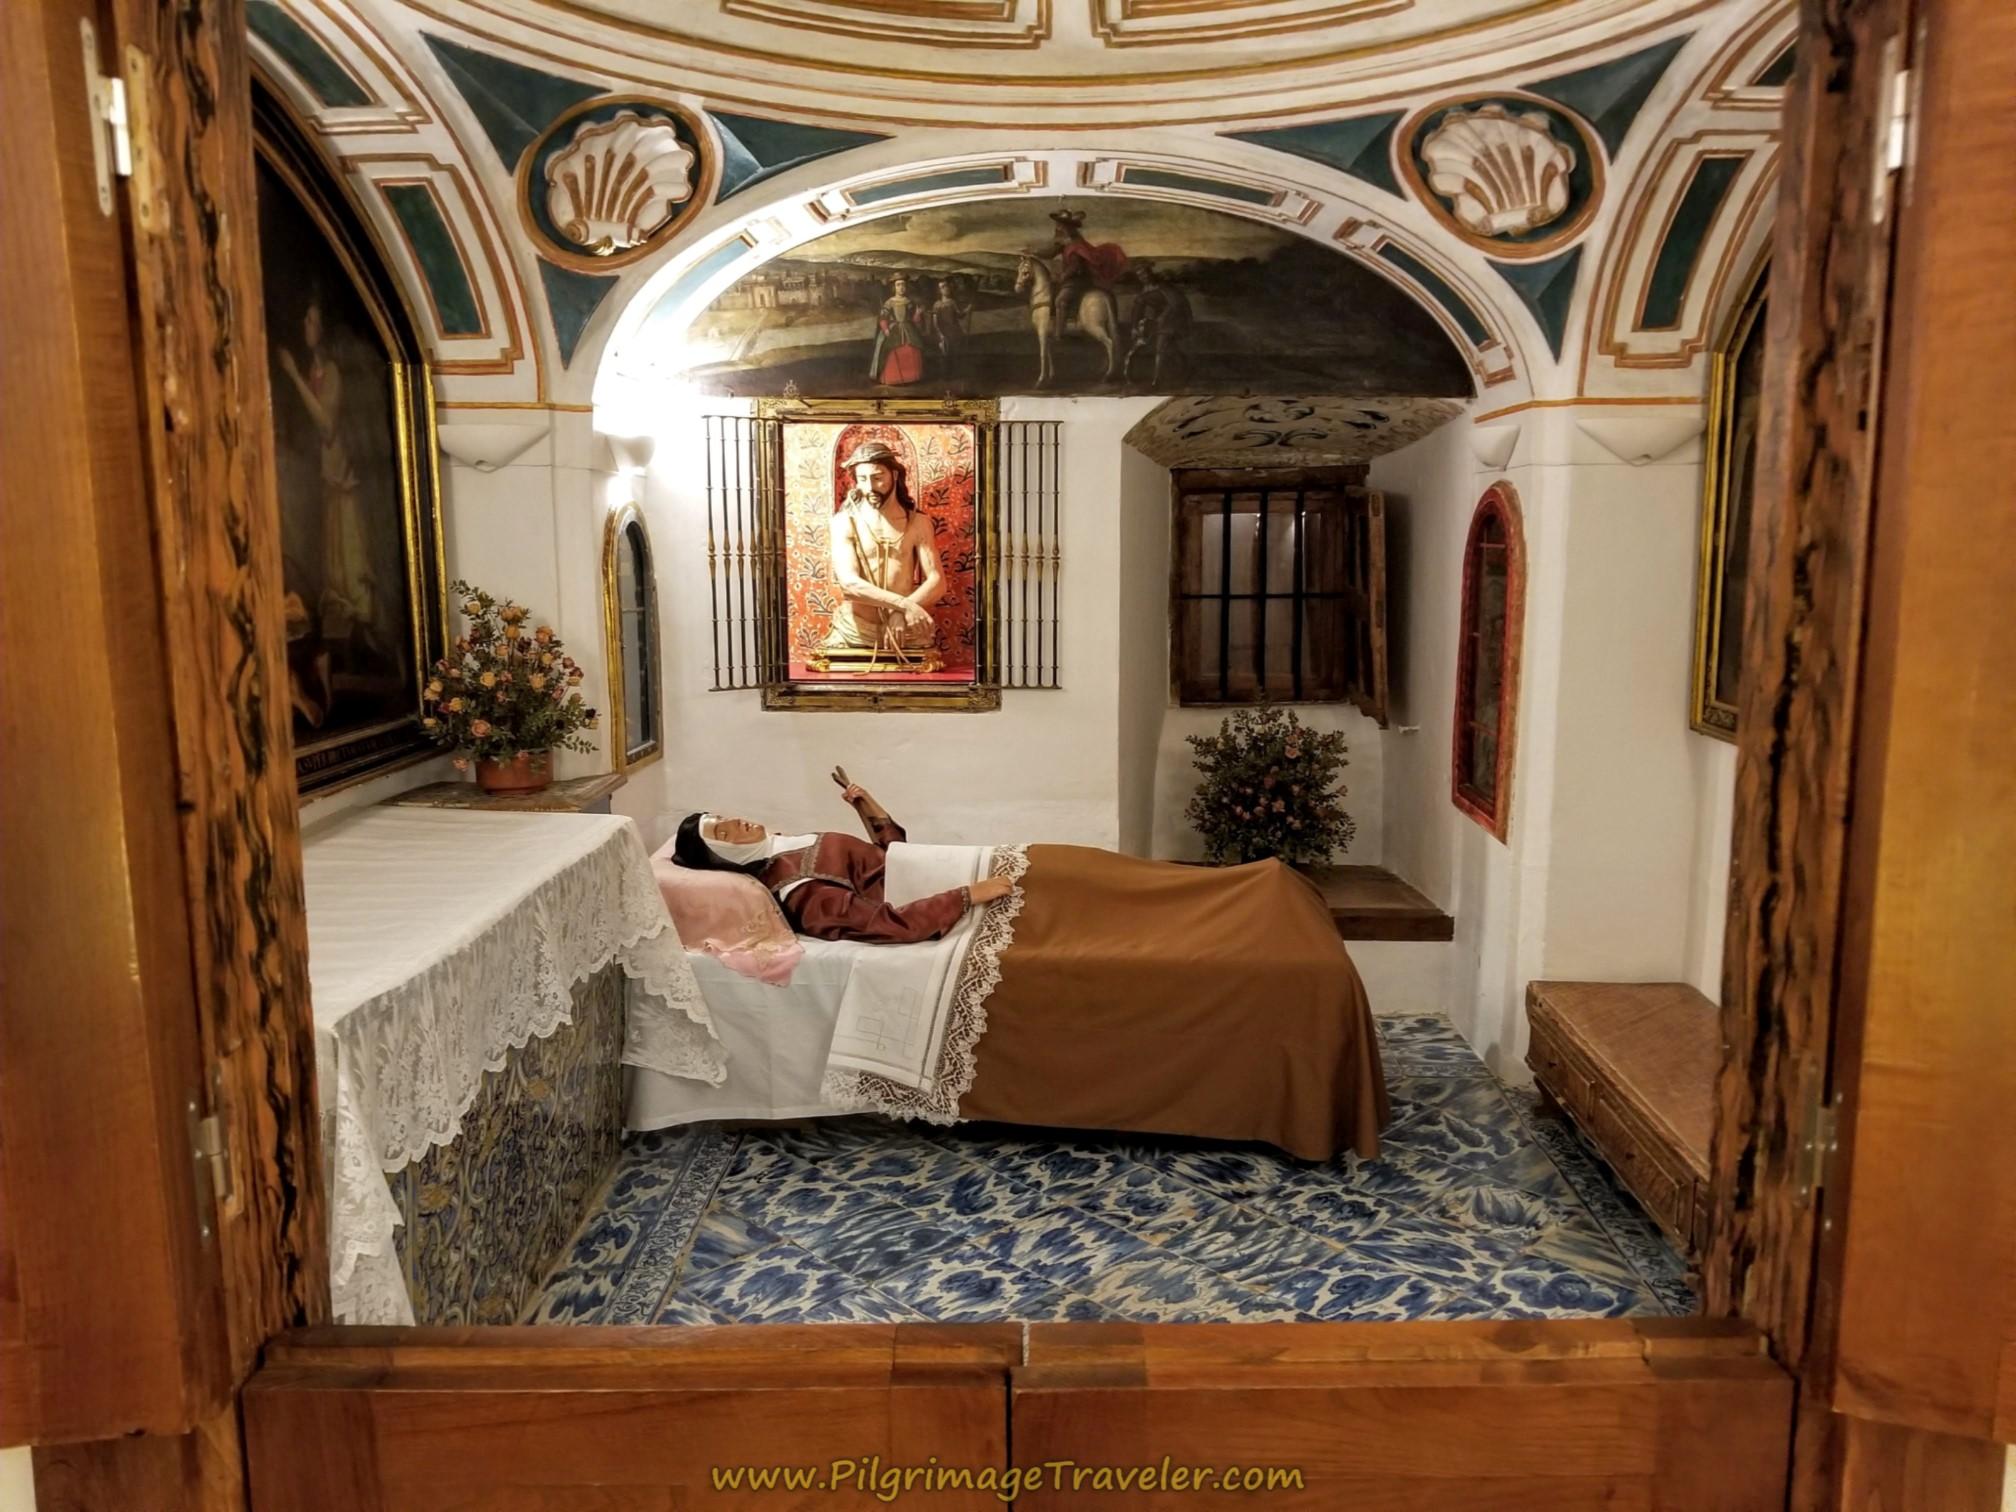 St. Teresa's Death Cell Reproduction, Iglesia de Anunciación, Alba de Tormes